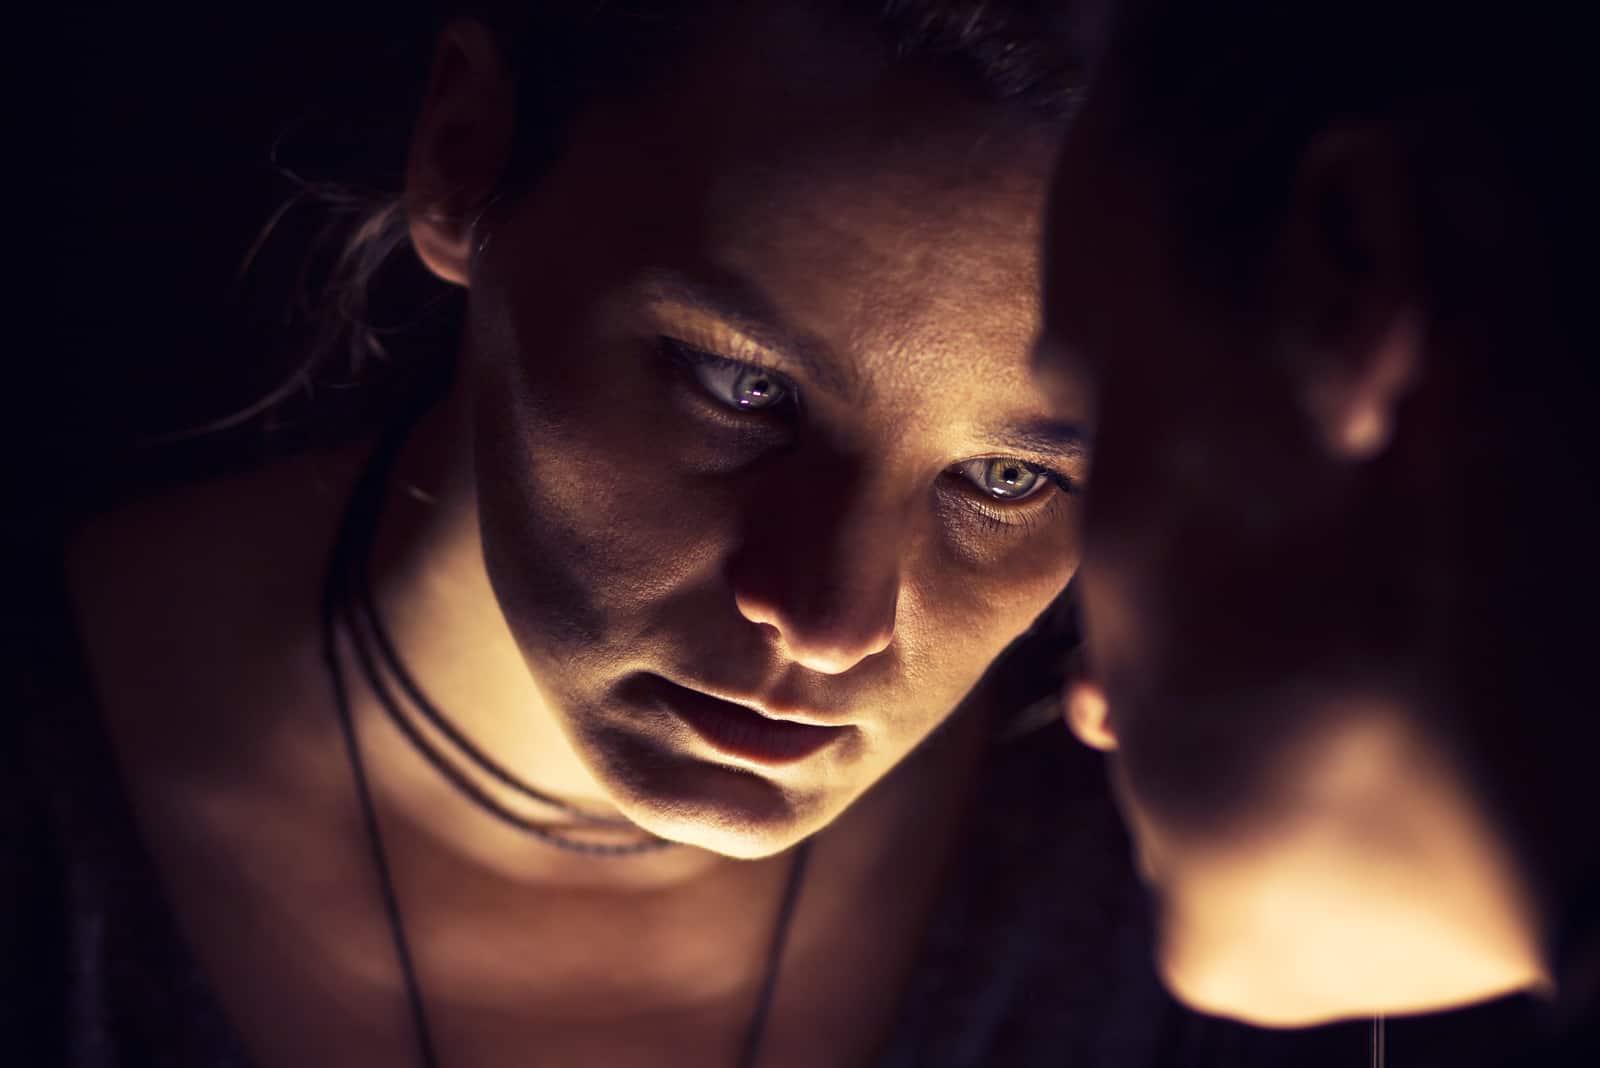 une femme triste dans le noir se regarde dans le miroir